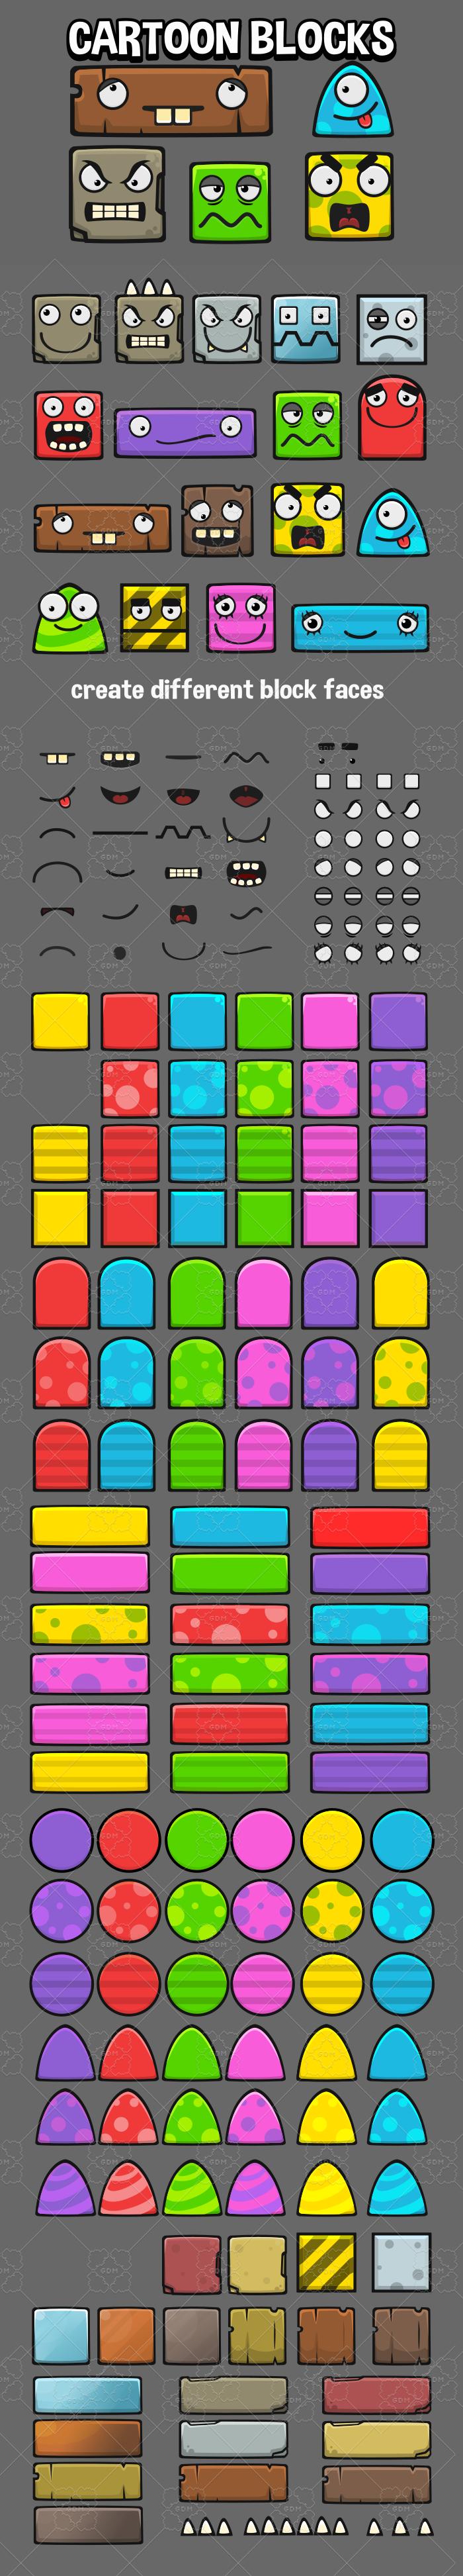 Cartoon block faces game assets